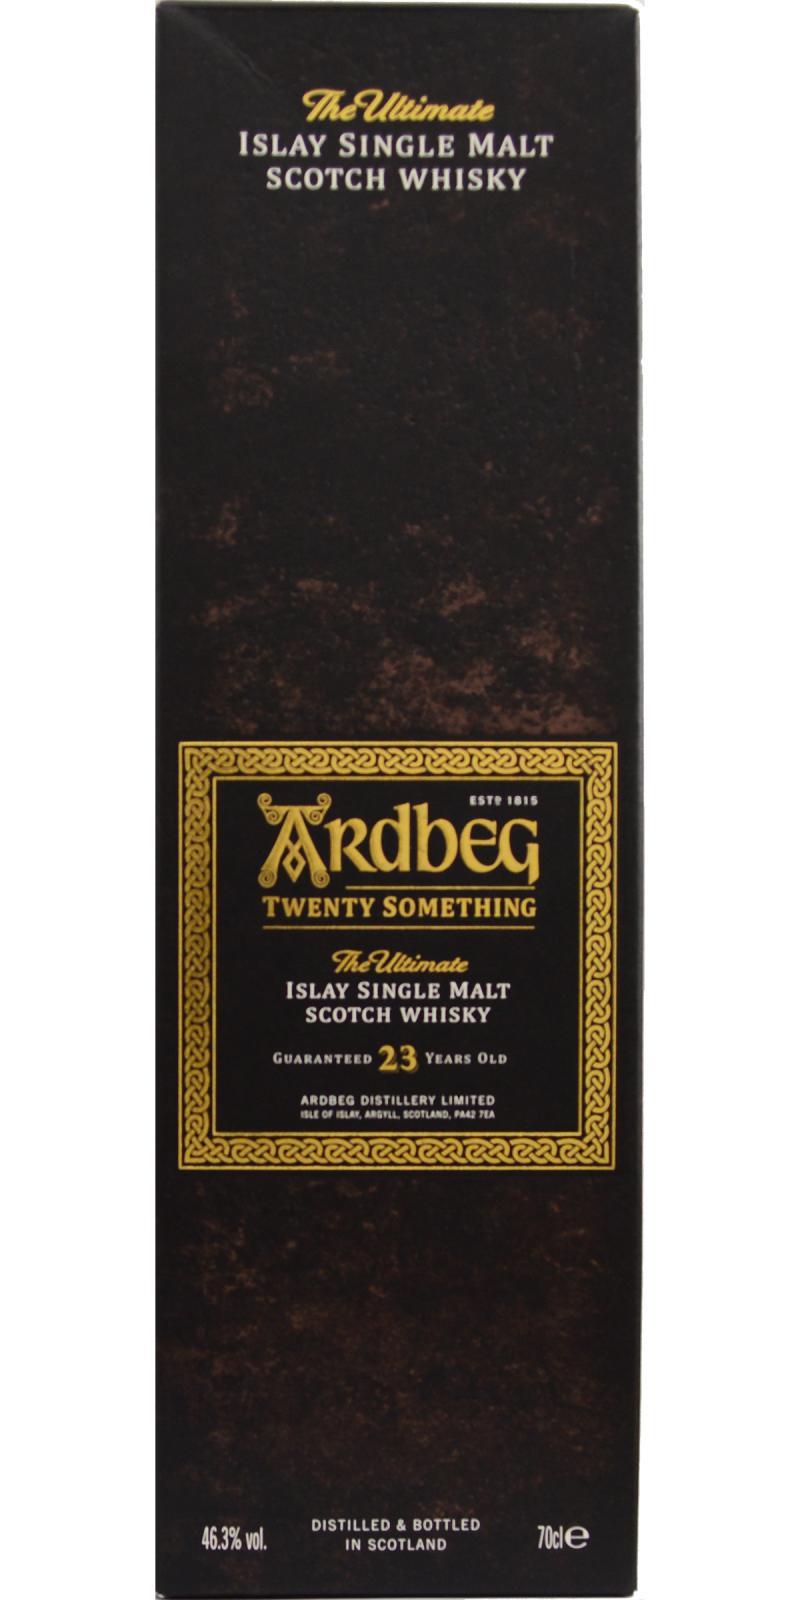 Ardbeg Twenty Something